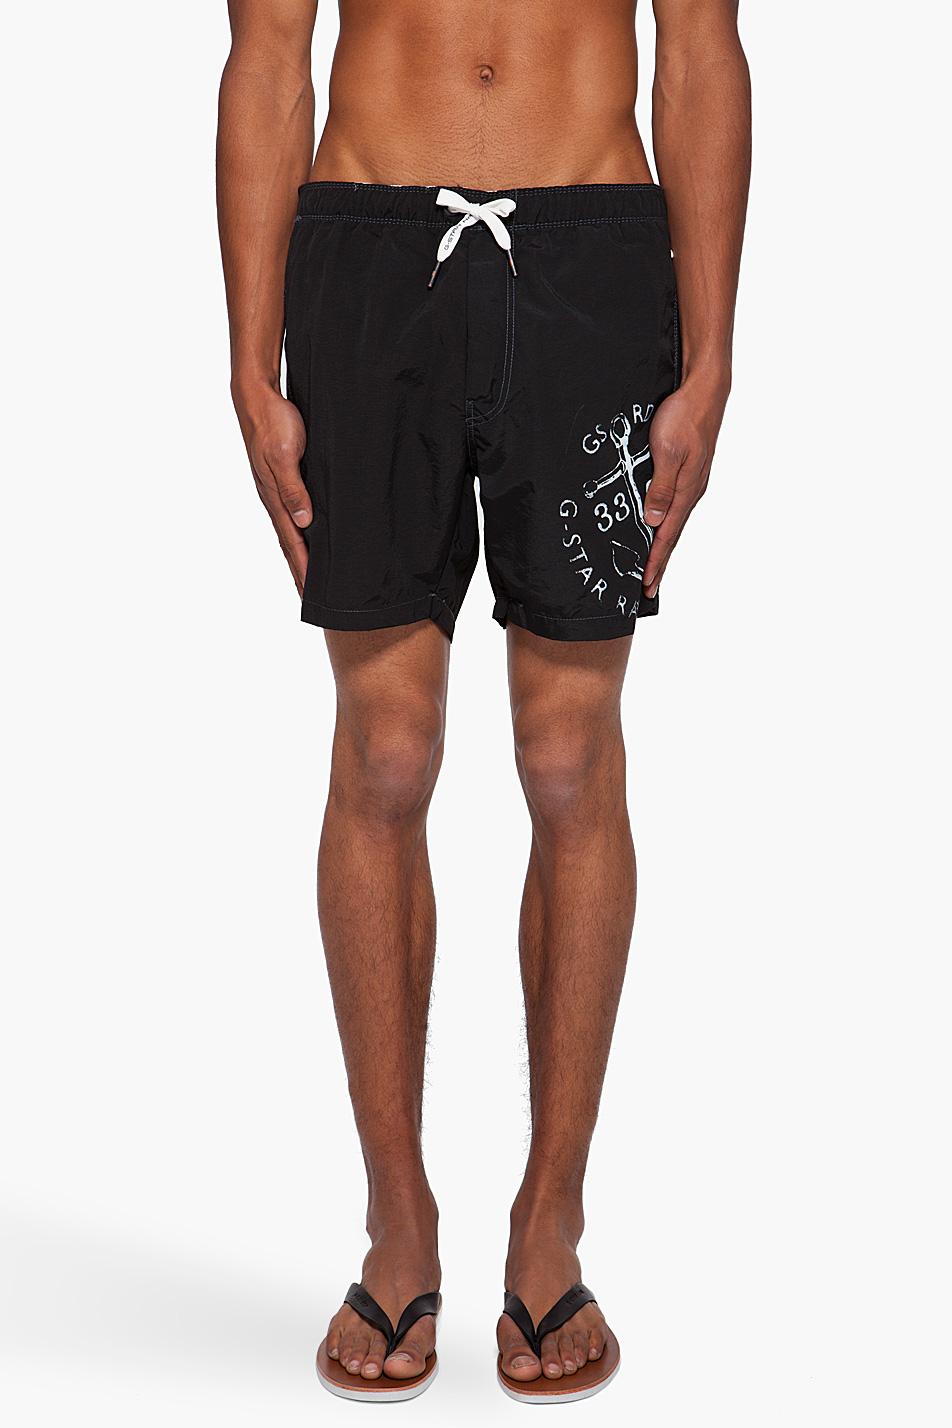 Мужские шорты для плавания с принтом, G-Star